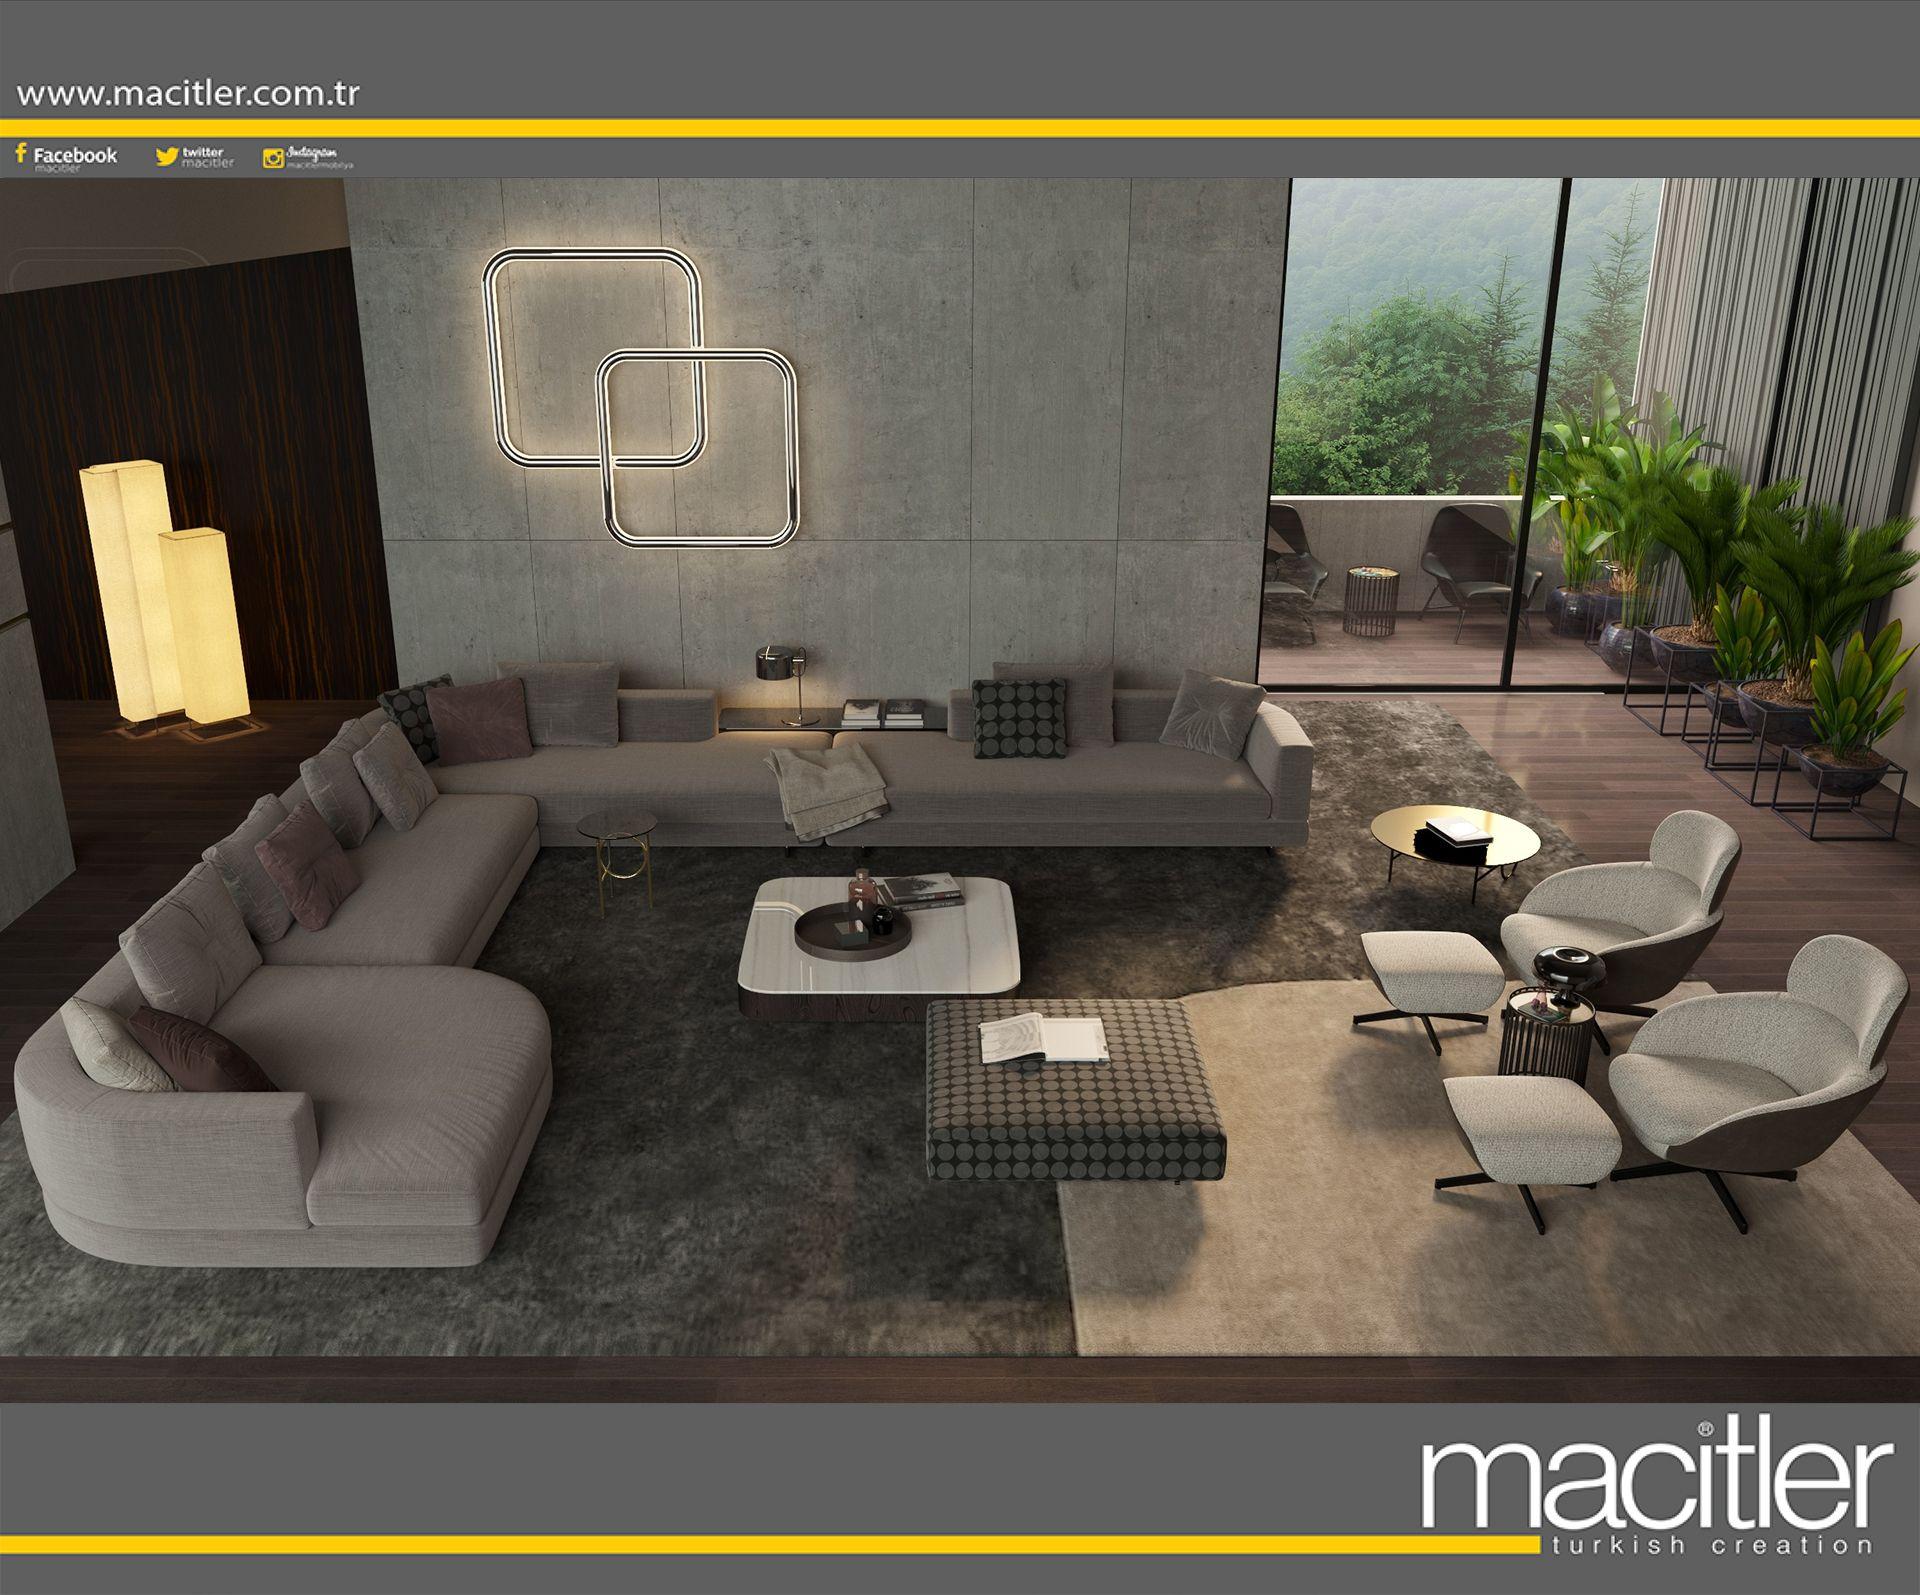 Songul Duru Adli Kullanicinin House Panosundaki Pin 2020 Mobilya Ev Dekoru Oturma Odasi Fikirleri